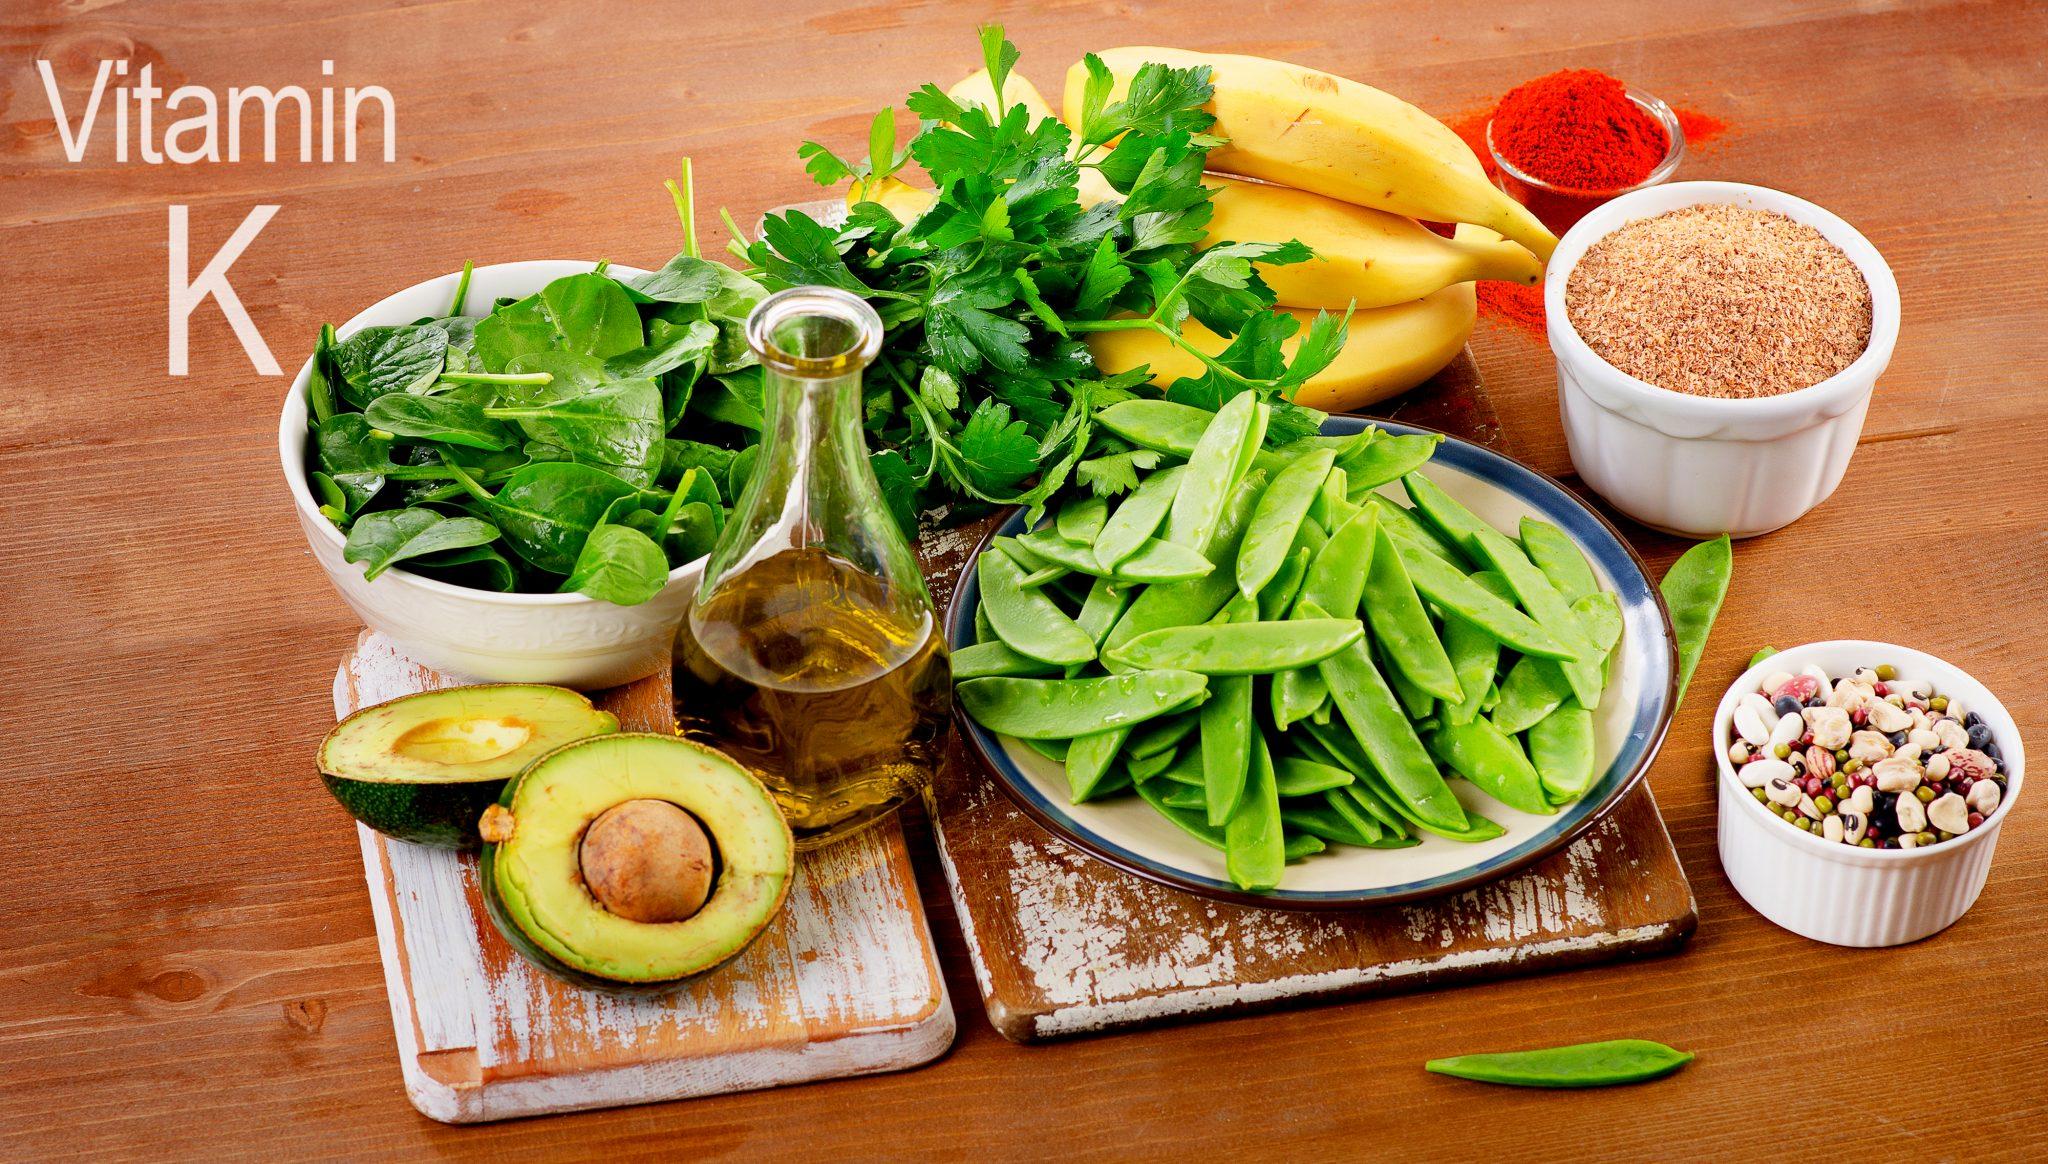 ビタミンKを含む食品一覧